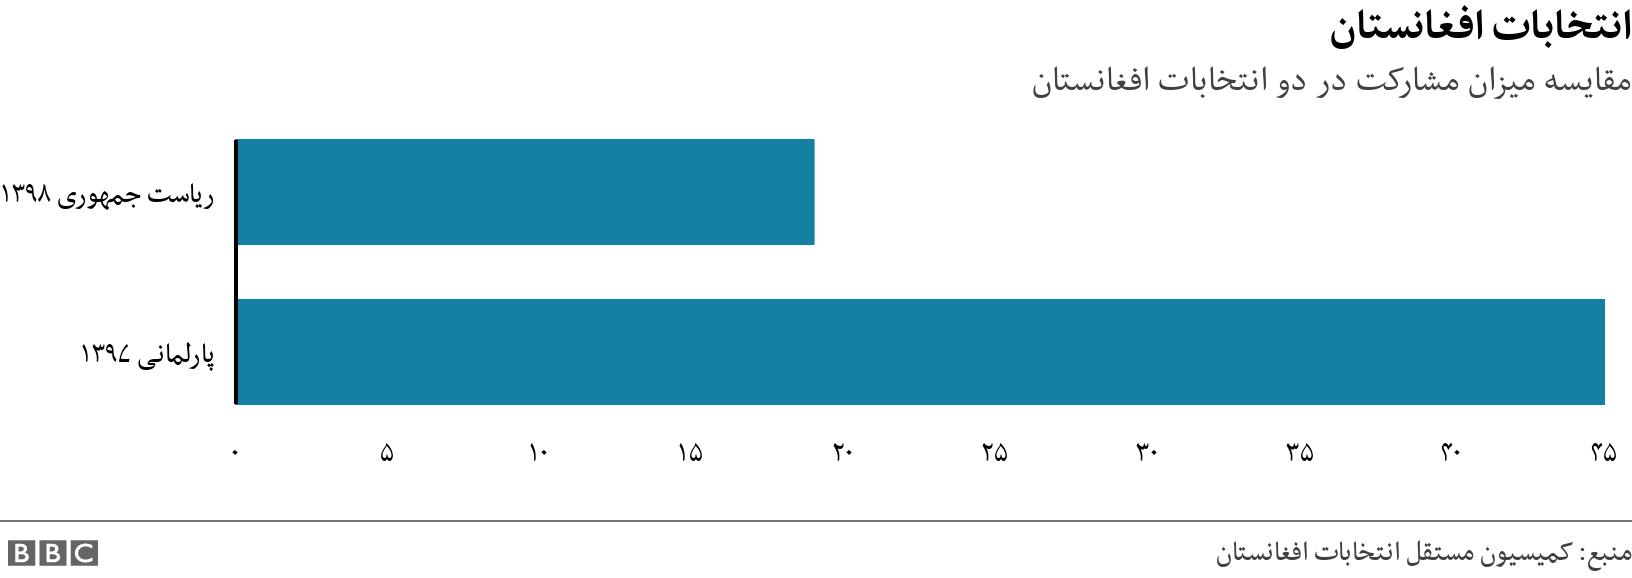 انتخابات افغانستان. مقایسه میزان مشارکت در دو انتخابات افغانستان. Two bargraphs showing nationwide turnout in 2019 and 2018 elections. .